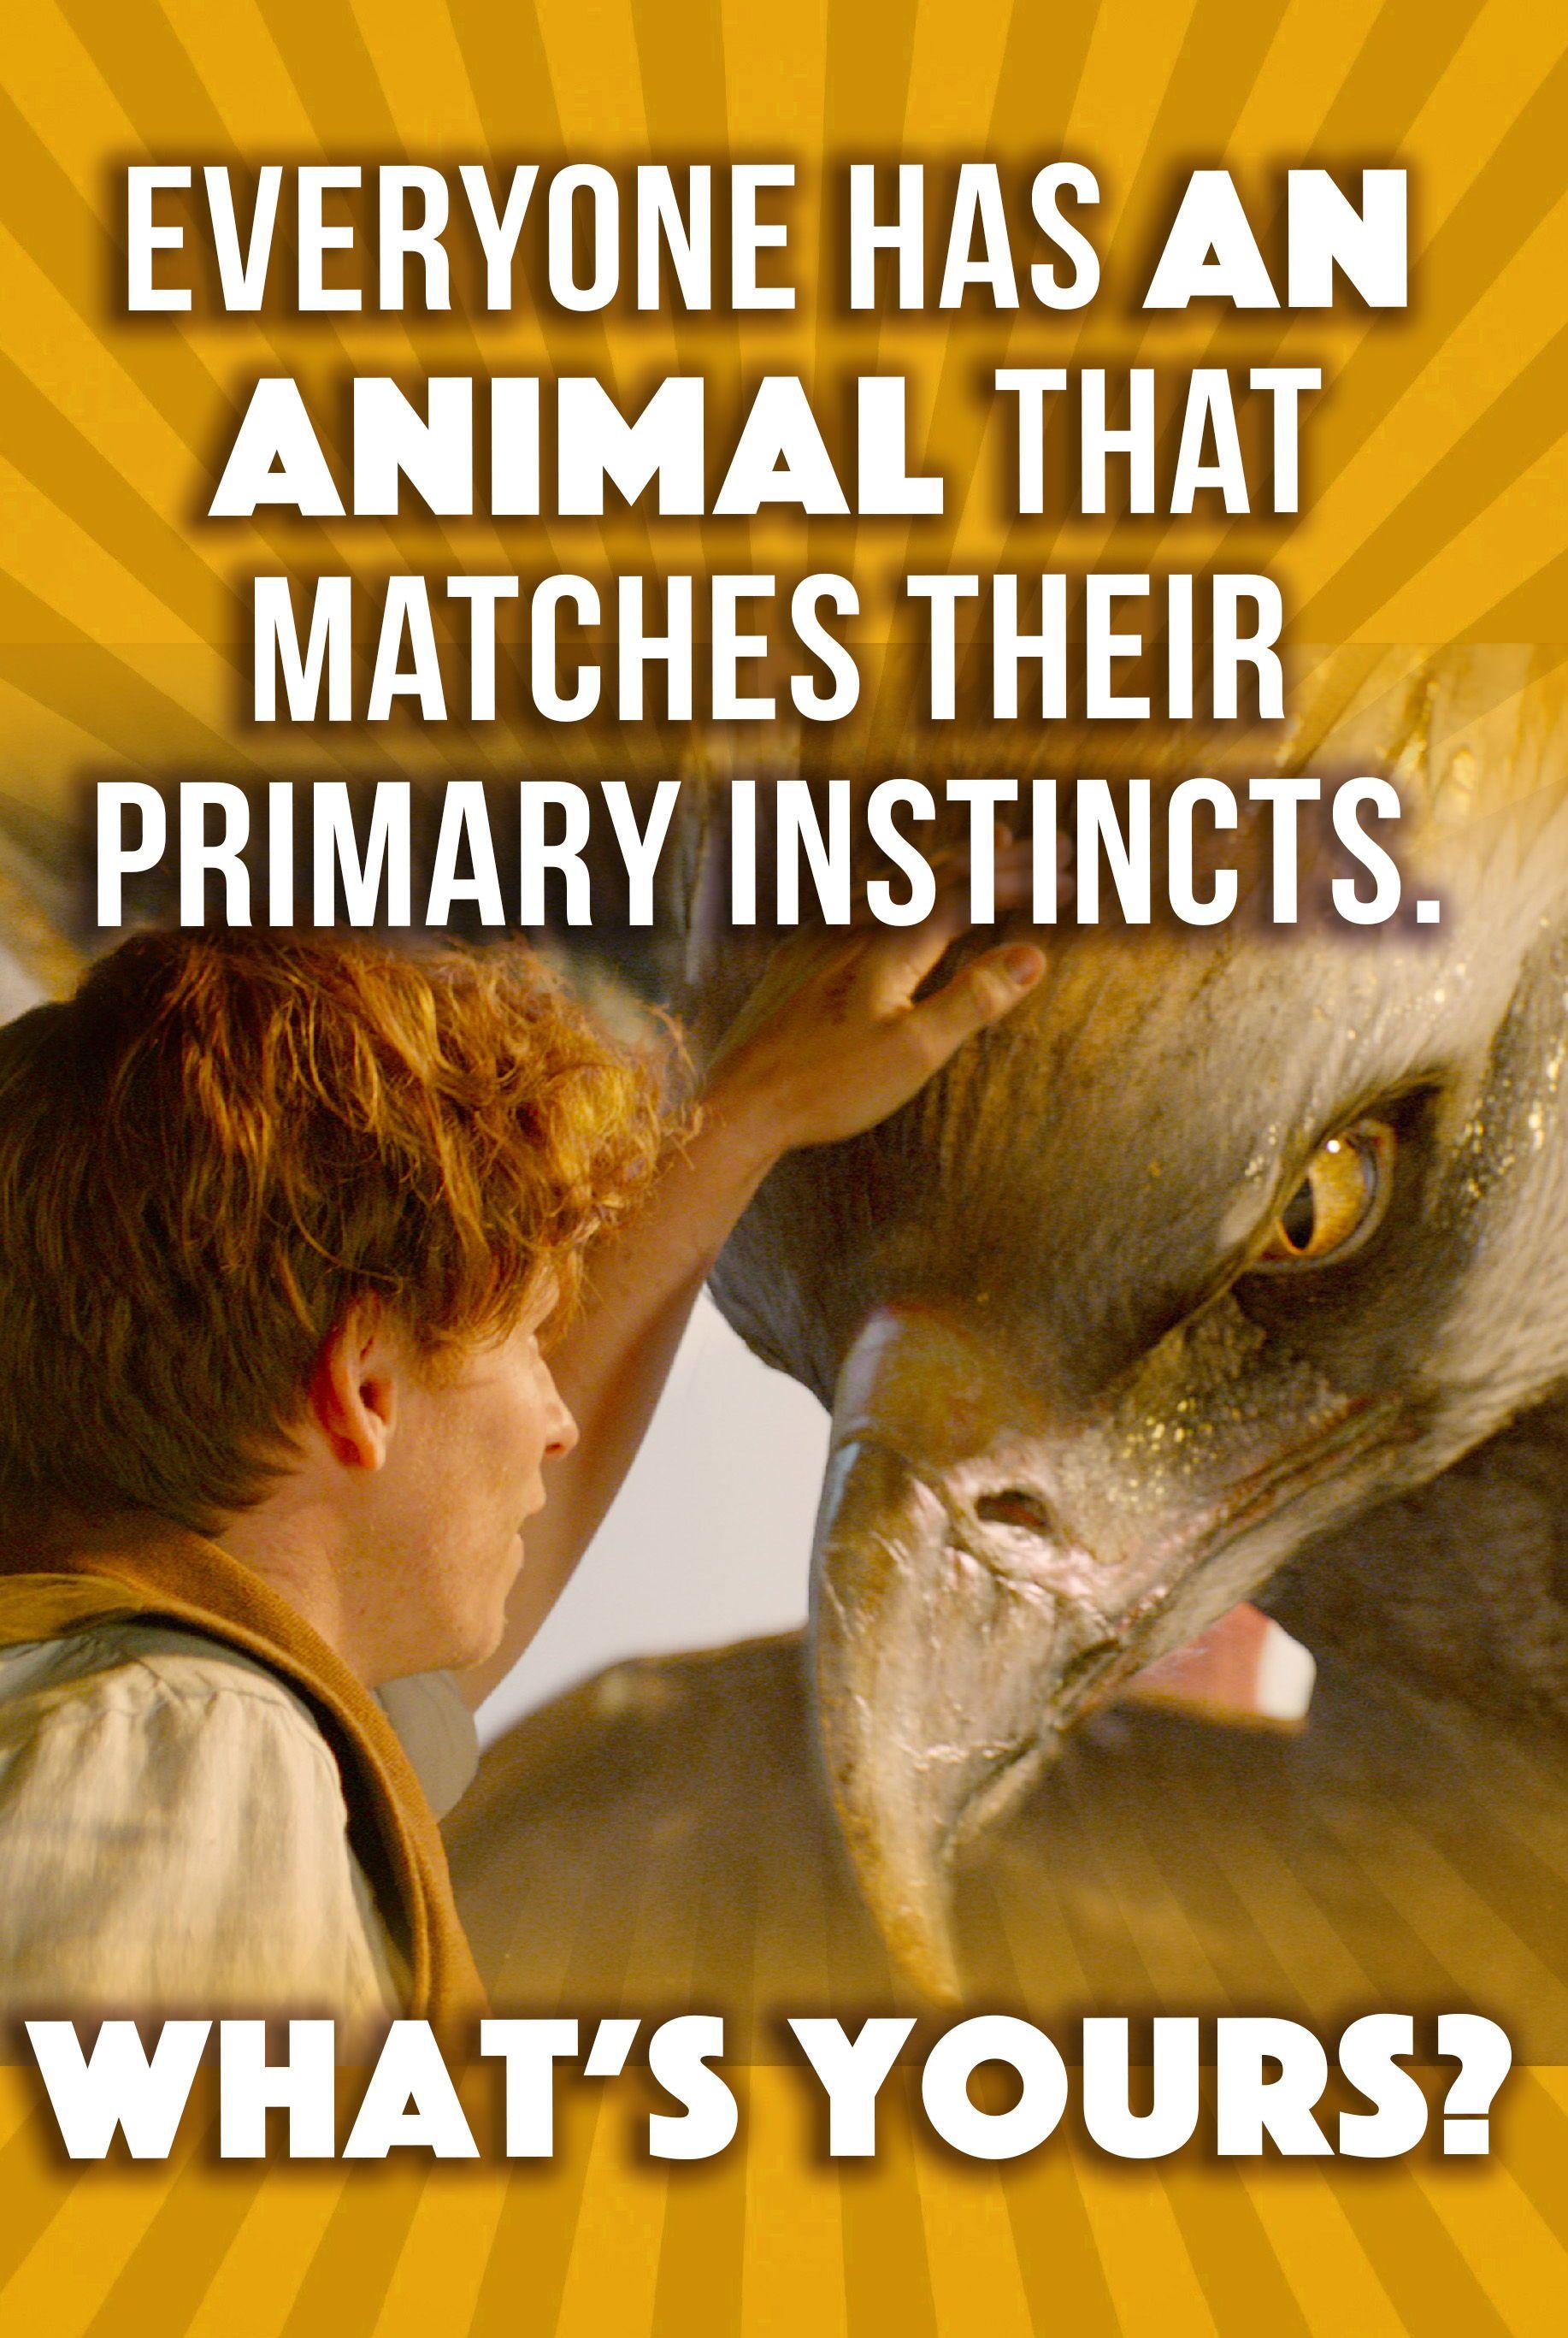 Wild Animal Riddles Key English Esl Worksheets In 2020 Animal Riddles Animals Wild Animal Facts For Kids